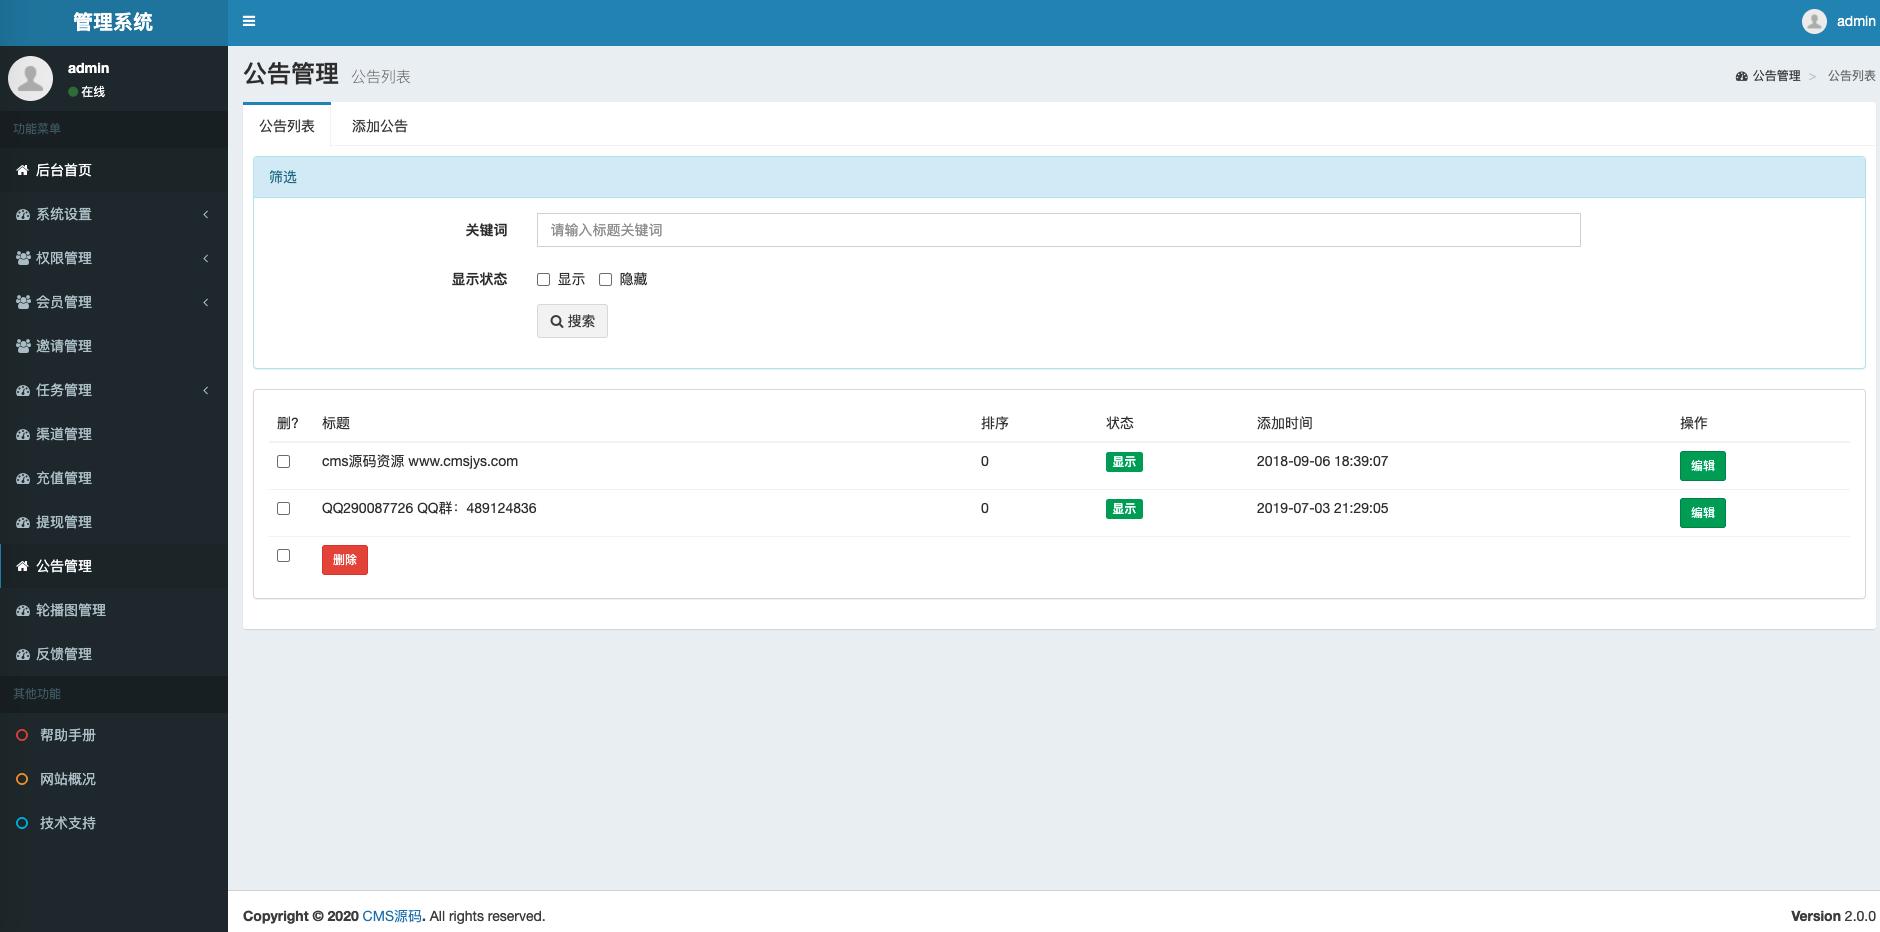 【亲测源码】橙色UI悬赏任务平台系统源码完美运营站长亲测支持封装APP插图3